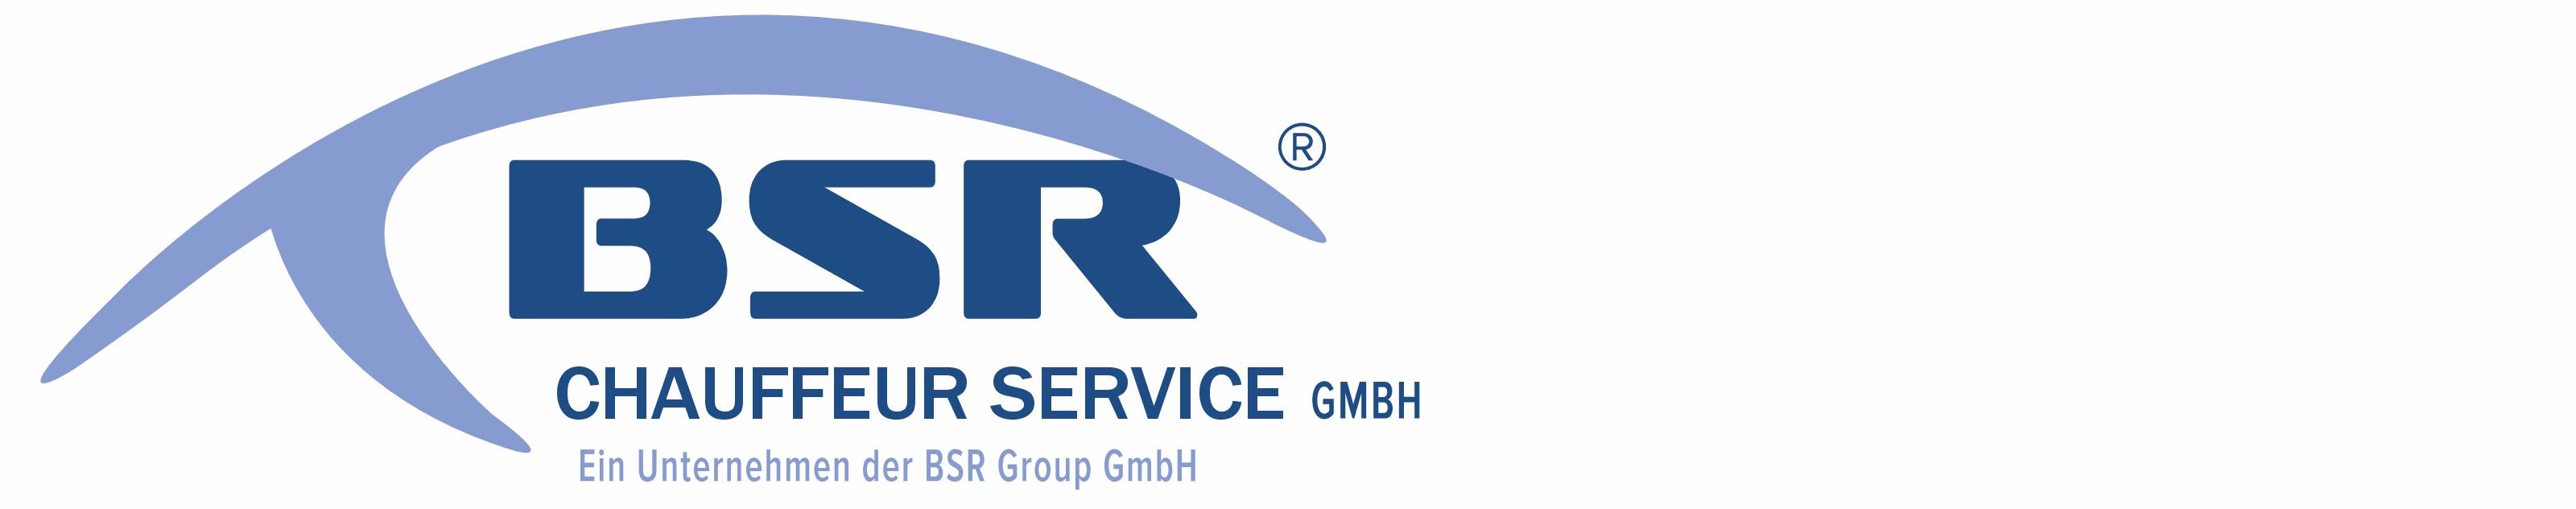 BSR Chauffeur Service GmbH